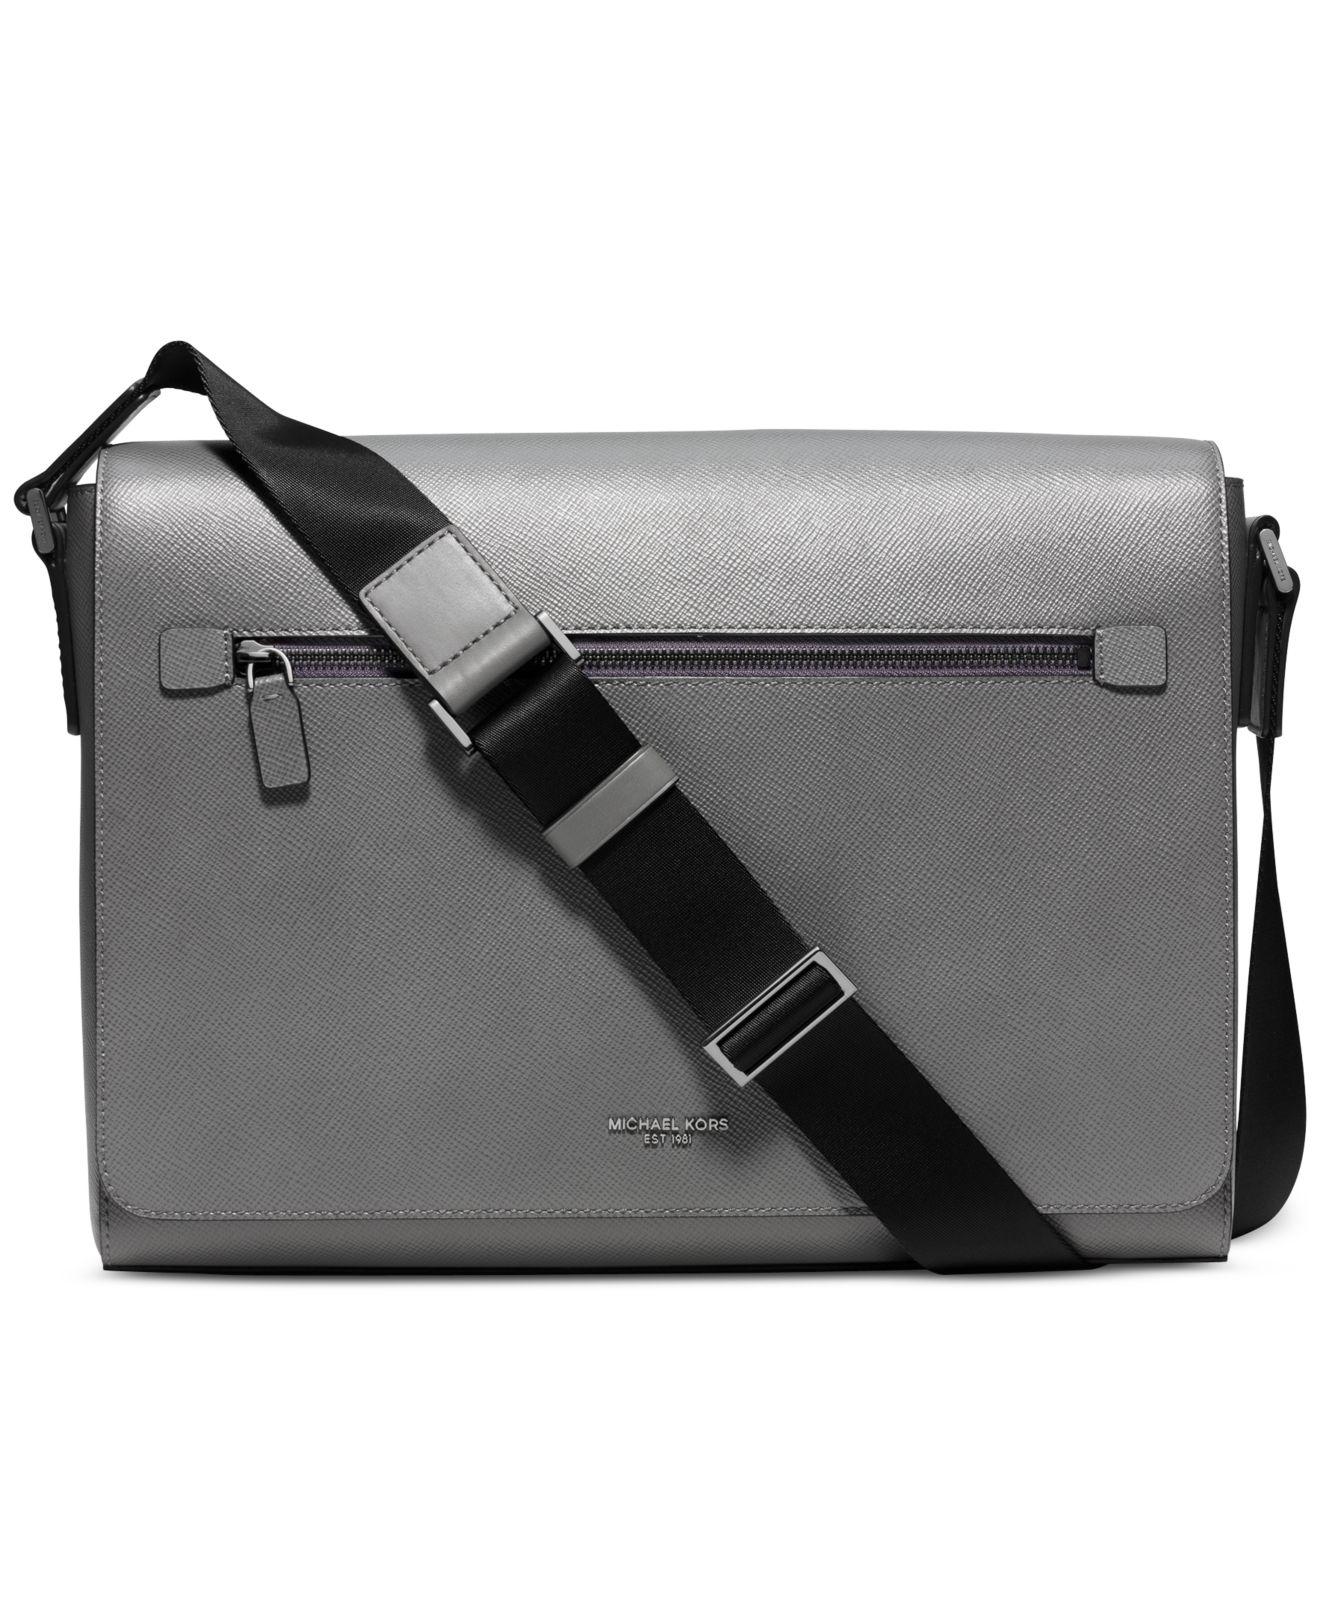 341e50aa872b Michael Kors Mens Messenger Bag. Michael Kors Signature Messenger Bag in  Black for Men - Lyst